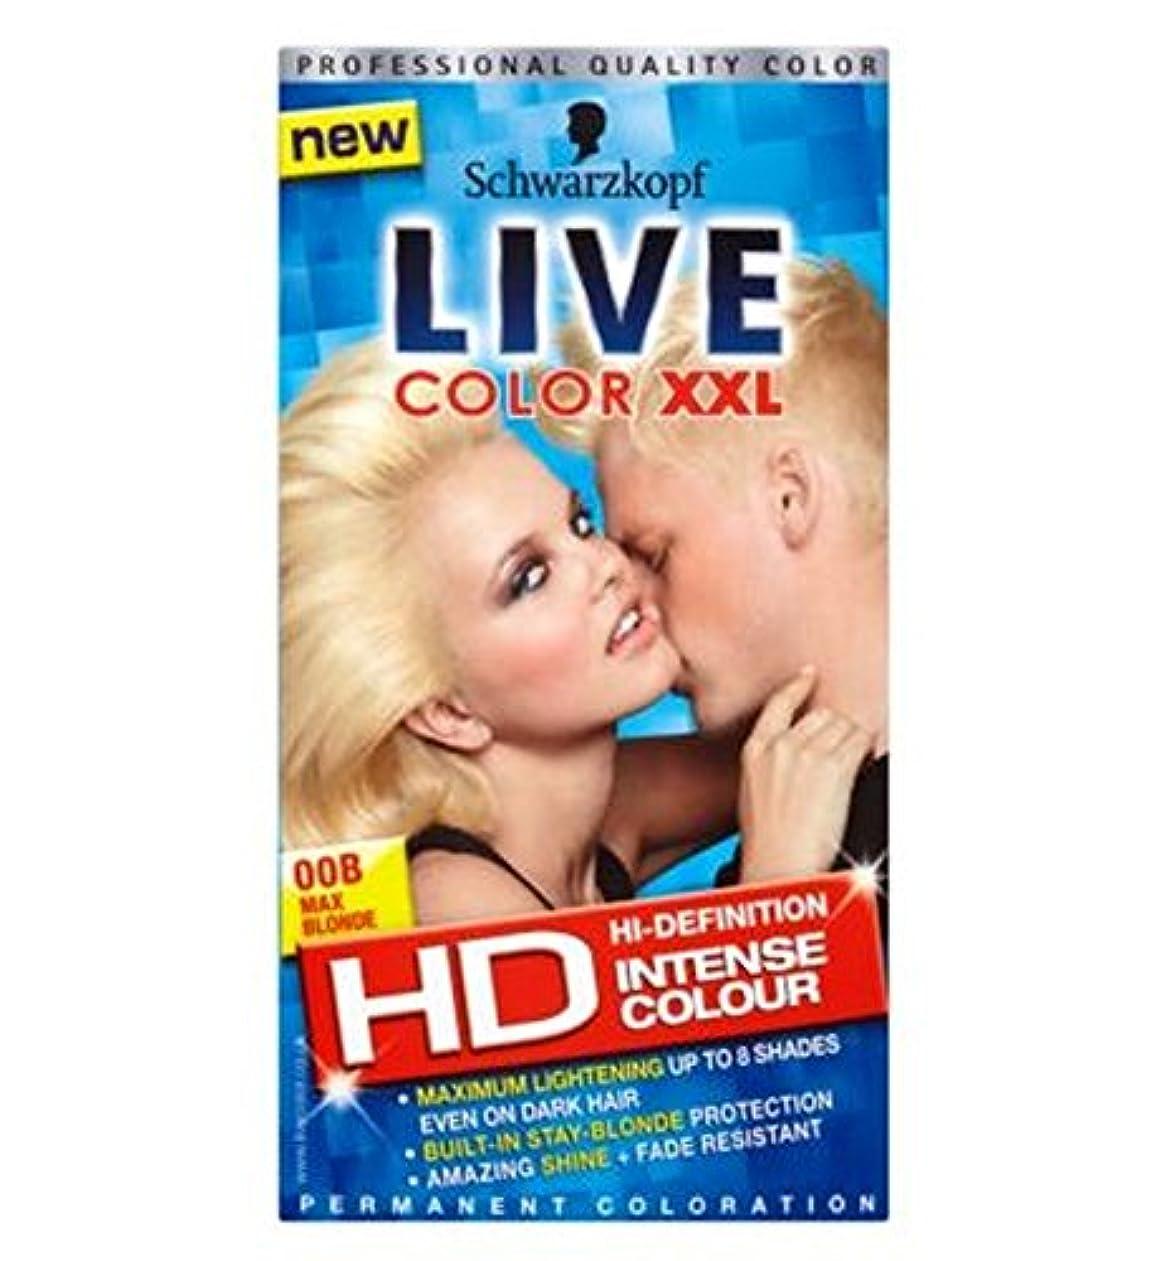 一元化するラジウム印象的なSchwarzkopf Live Color XXL Colour Intense Permanent Coloration 00B Max Blonde - シュワルツコフライブカラーXxl色の強い永久着色00B最大ブロンド (Schwarzkopf) [並行輸入品]